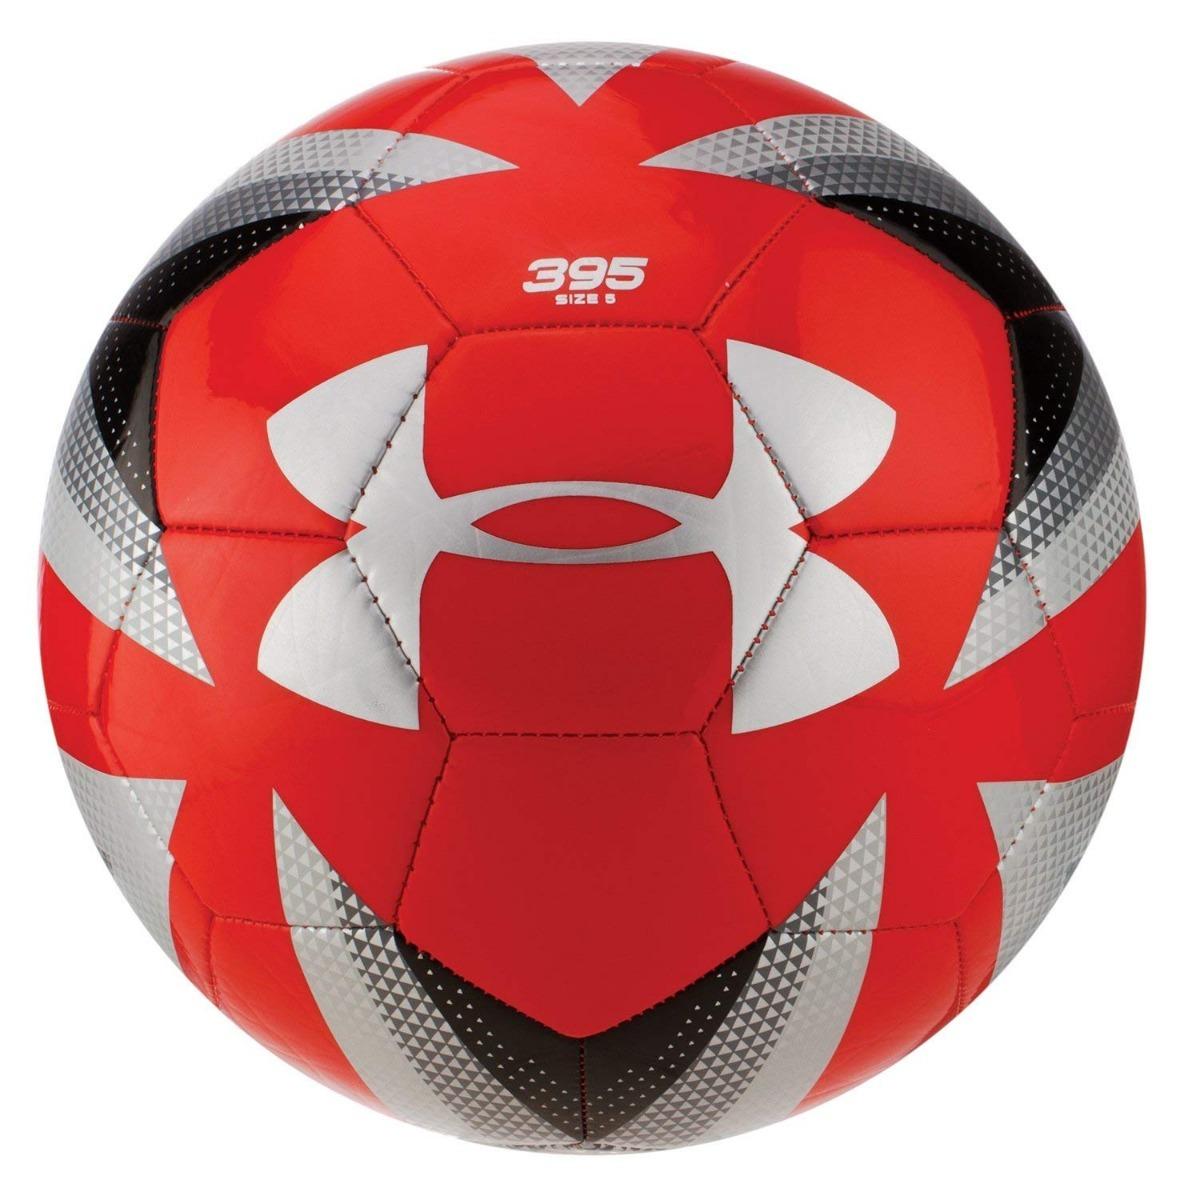 16dd60b01c4a3 Balon Under Armour De Futbol  5 Desafio 395 -   350.00 en Mercado Libre